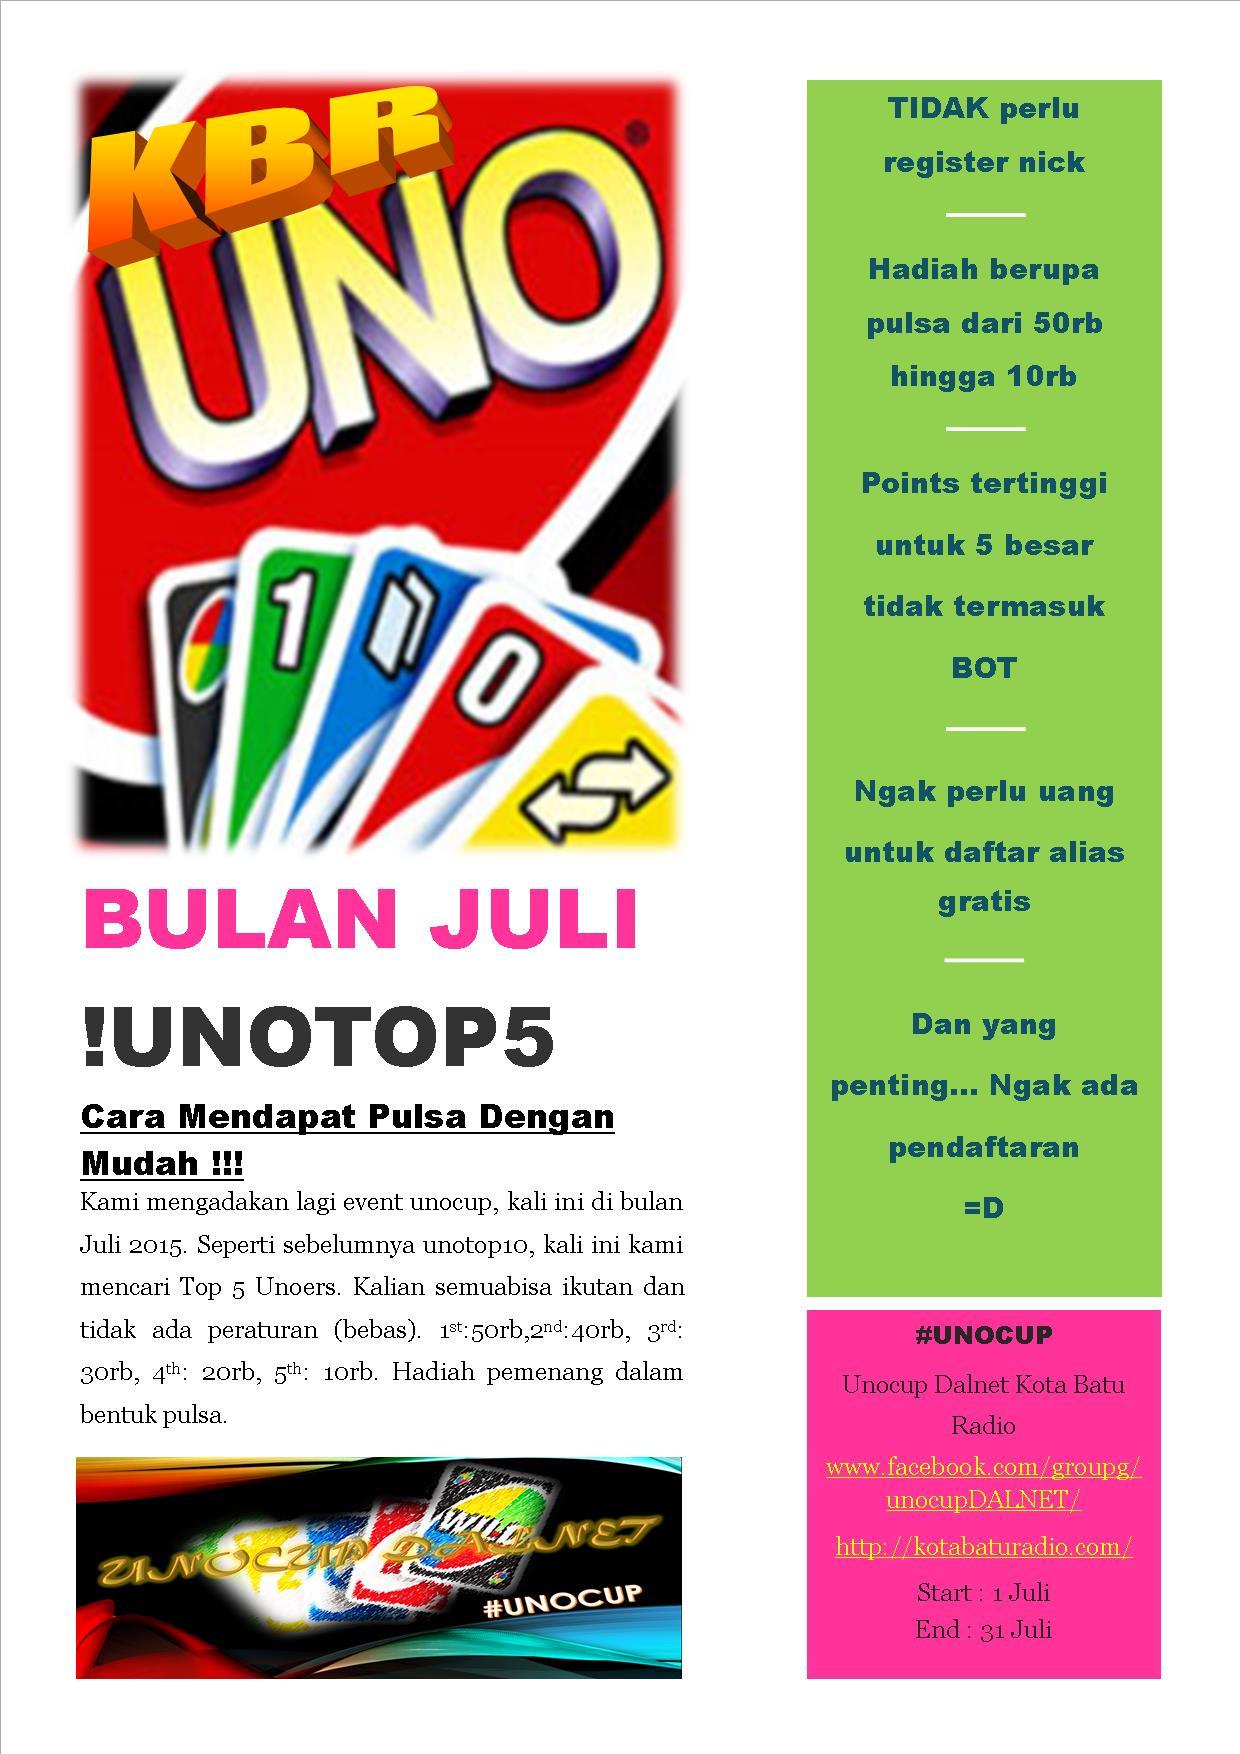 july event - unocup kbr